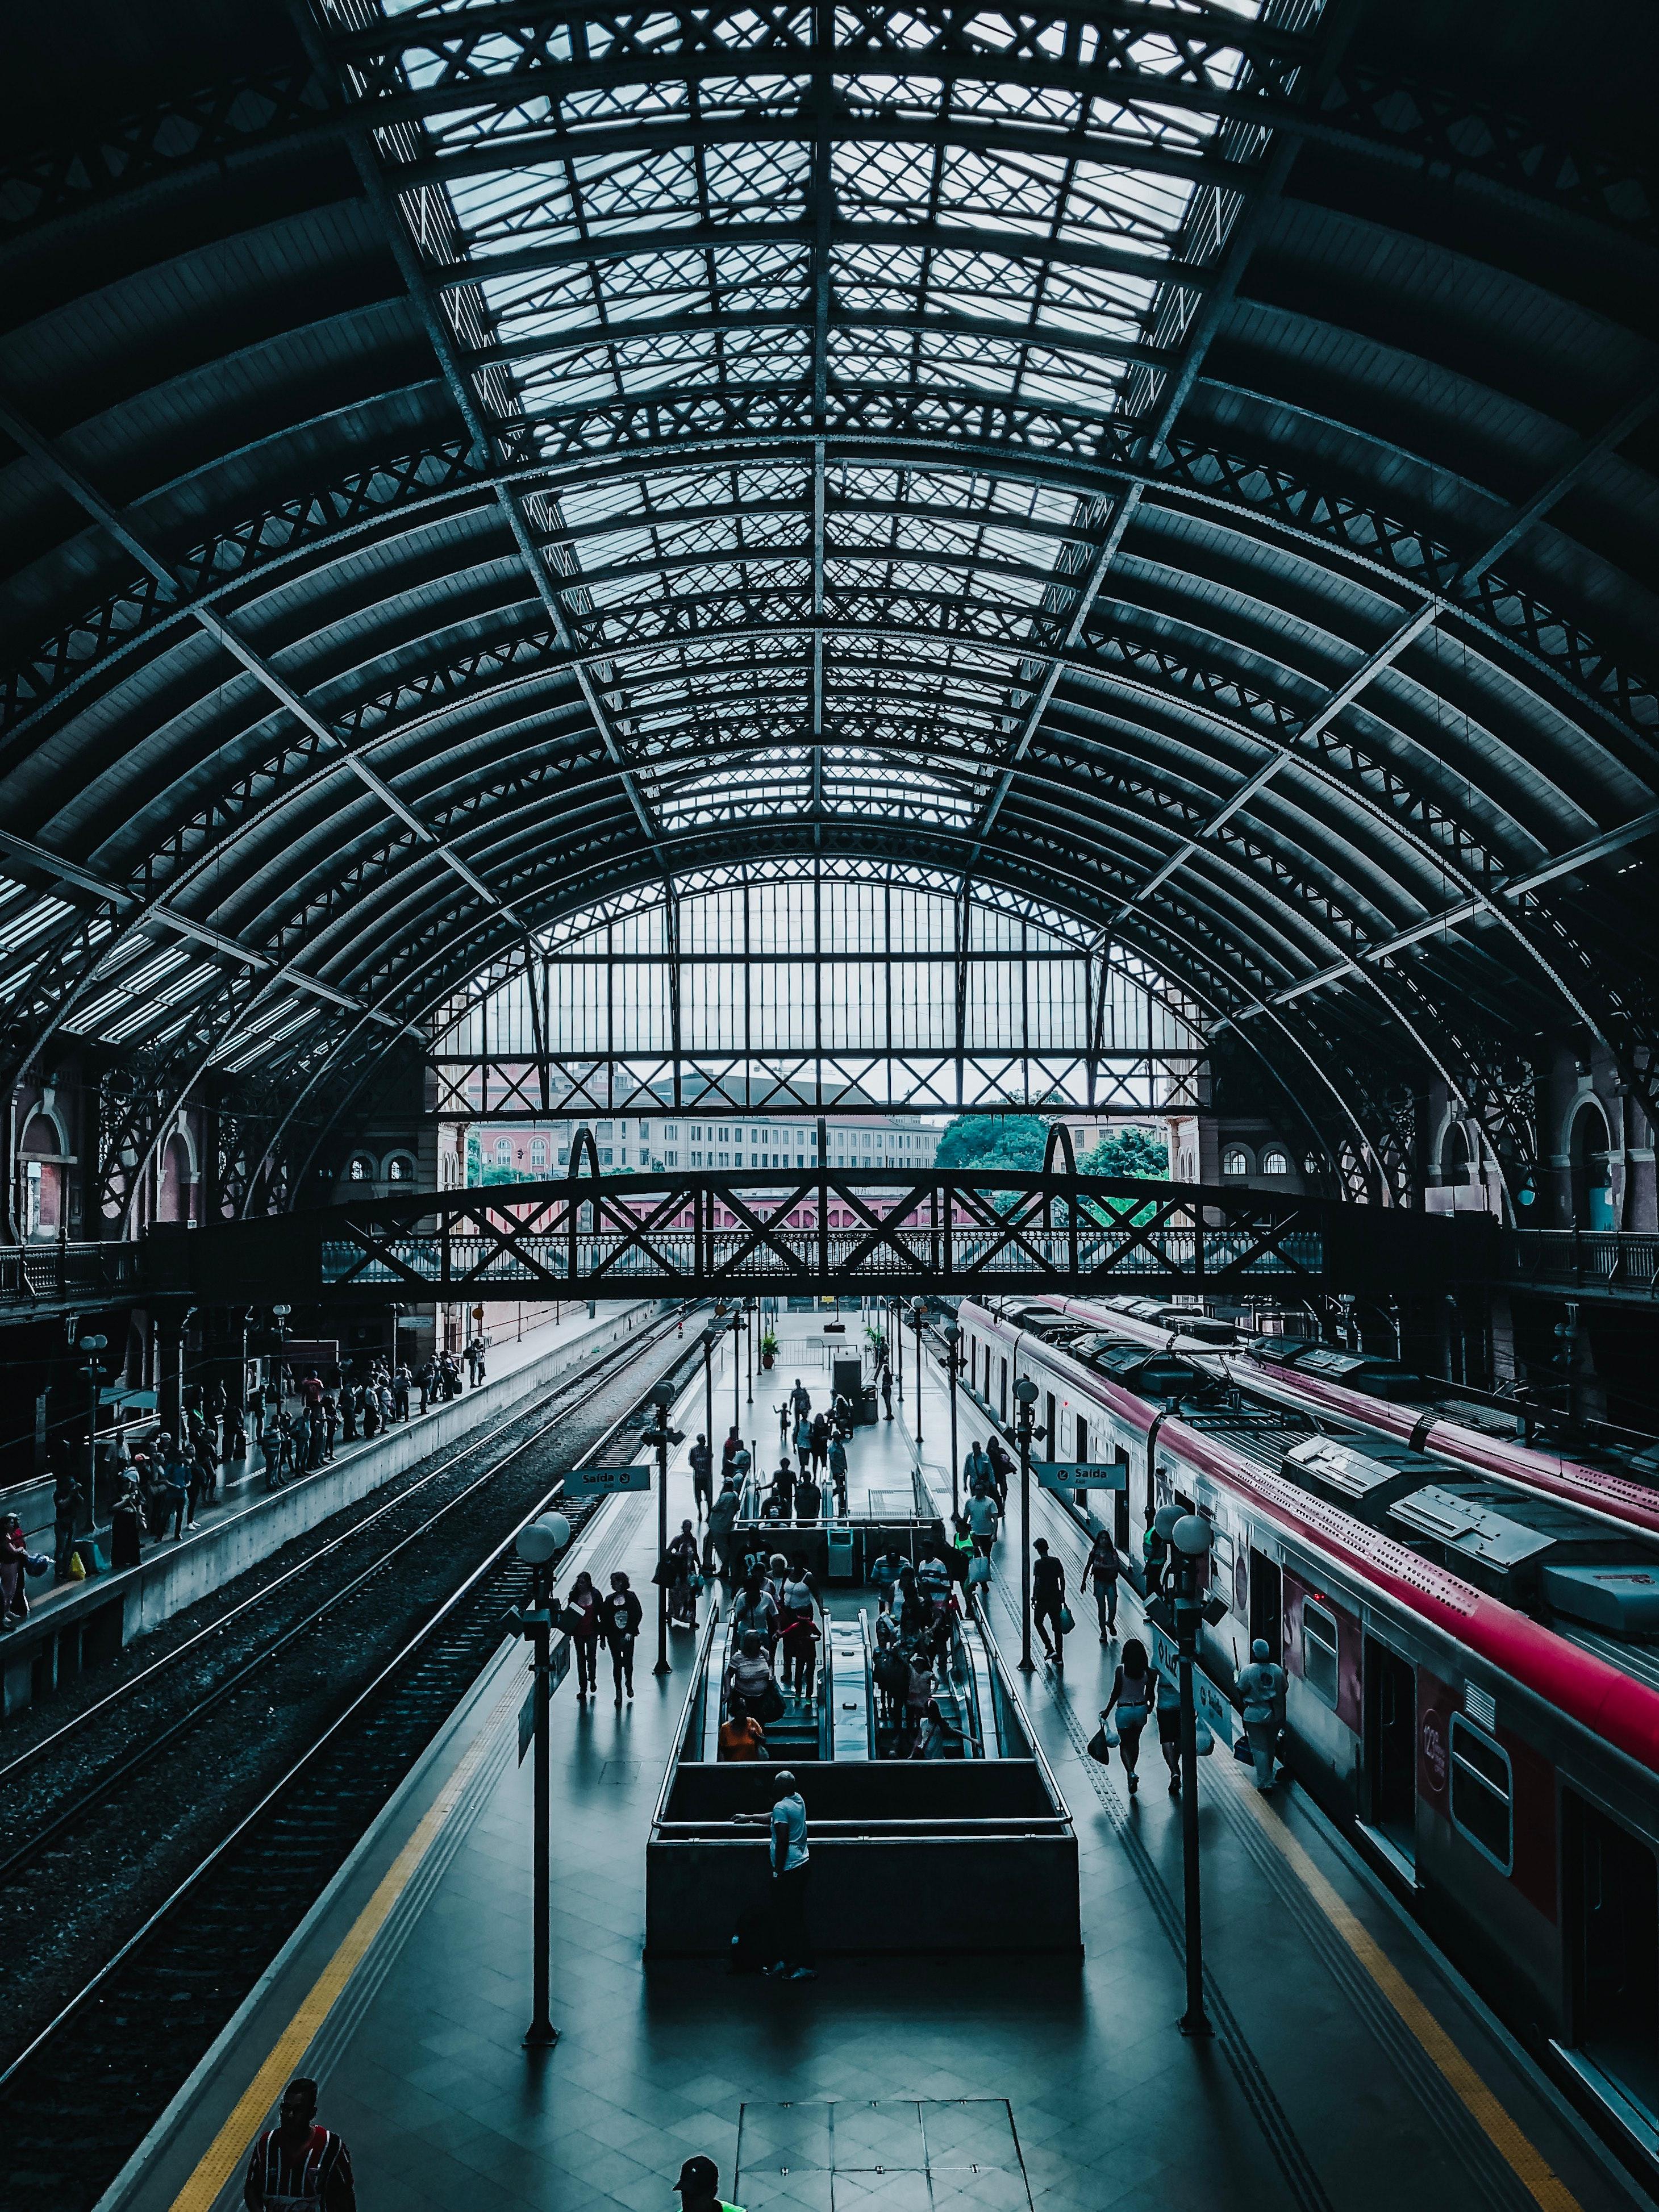 Utilizarea Industrial IoT pentru performanța întreținerii feroviare predictive